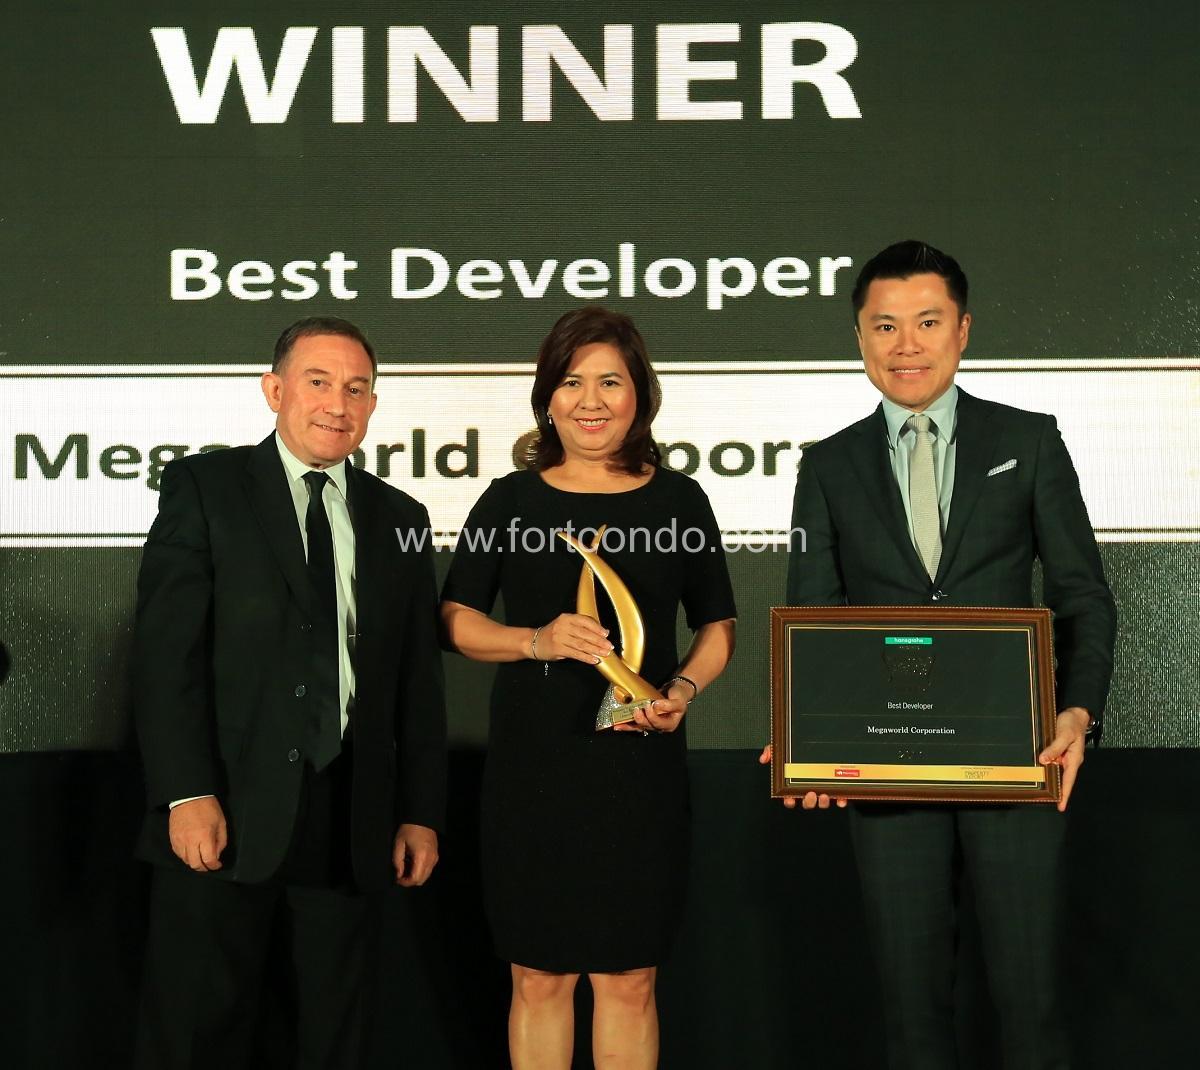 megaworld-awards-best-developer-2016